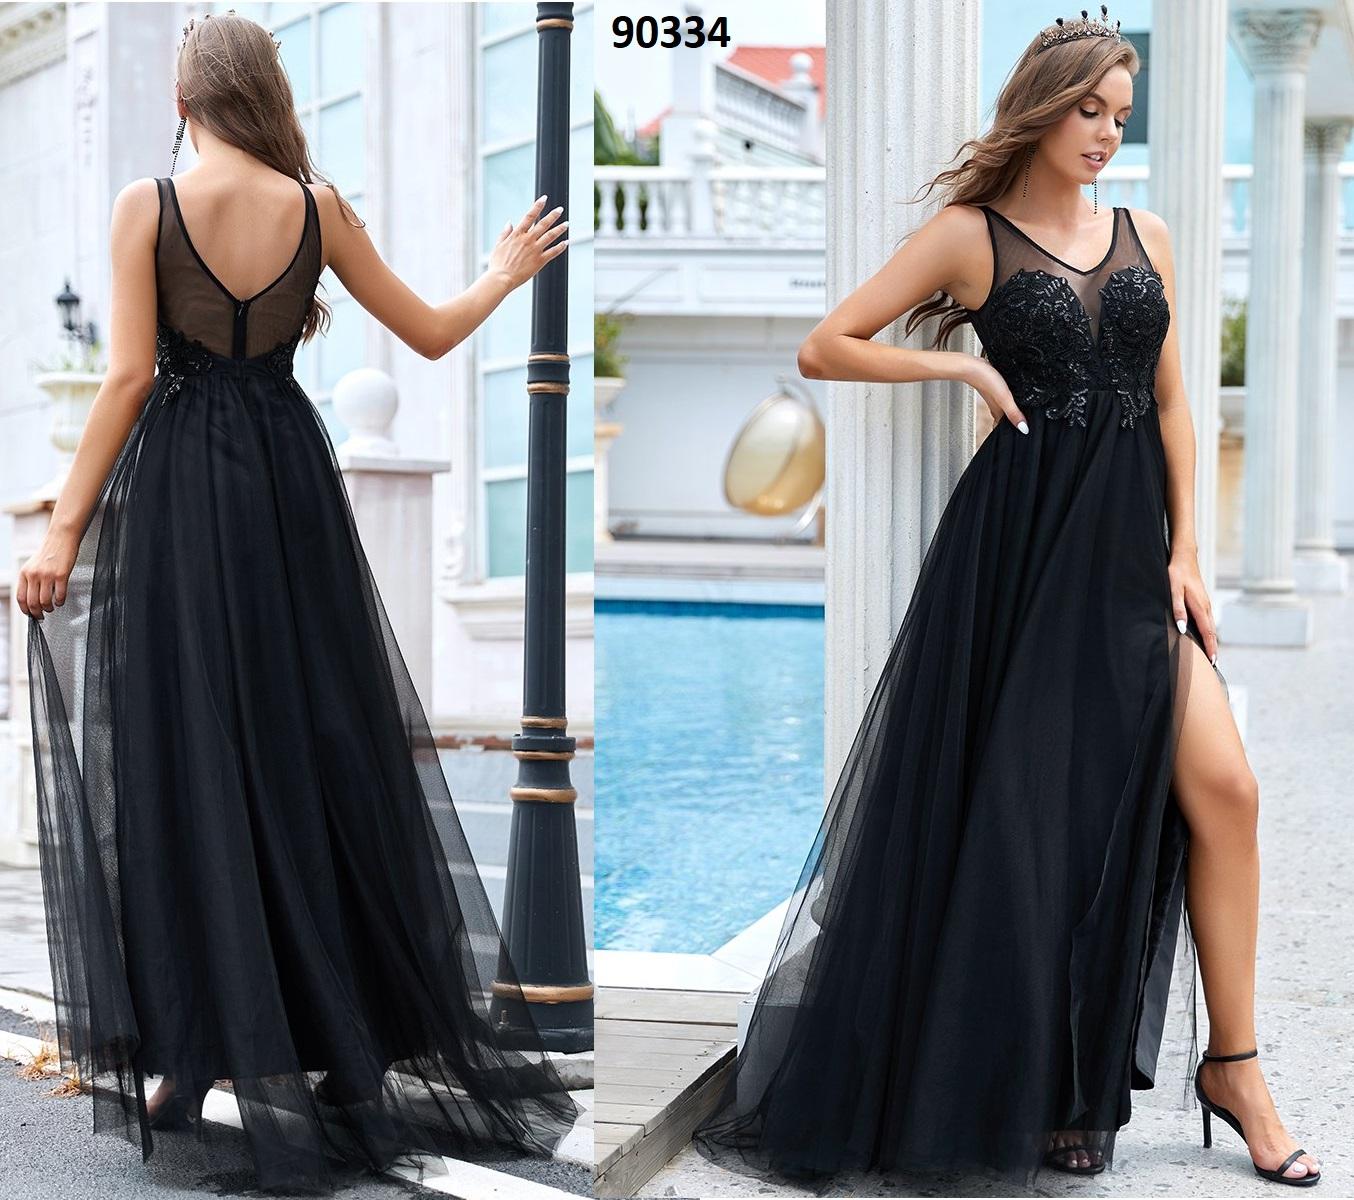 Sin mangas, sin espalda, una línea de vestido  con división 90334